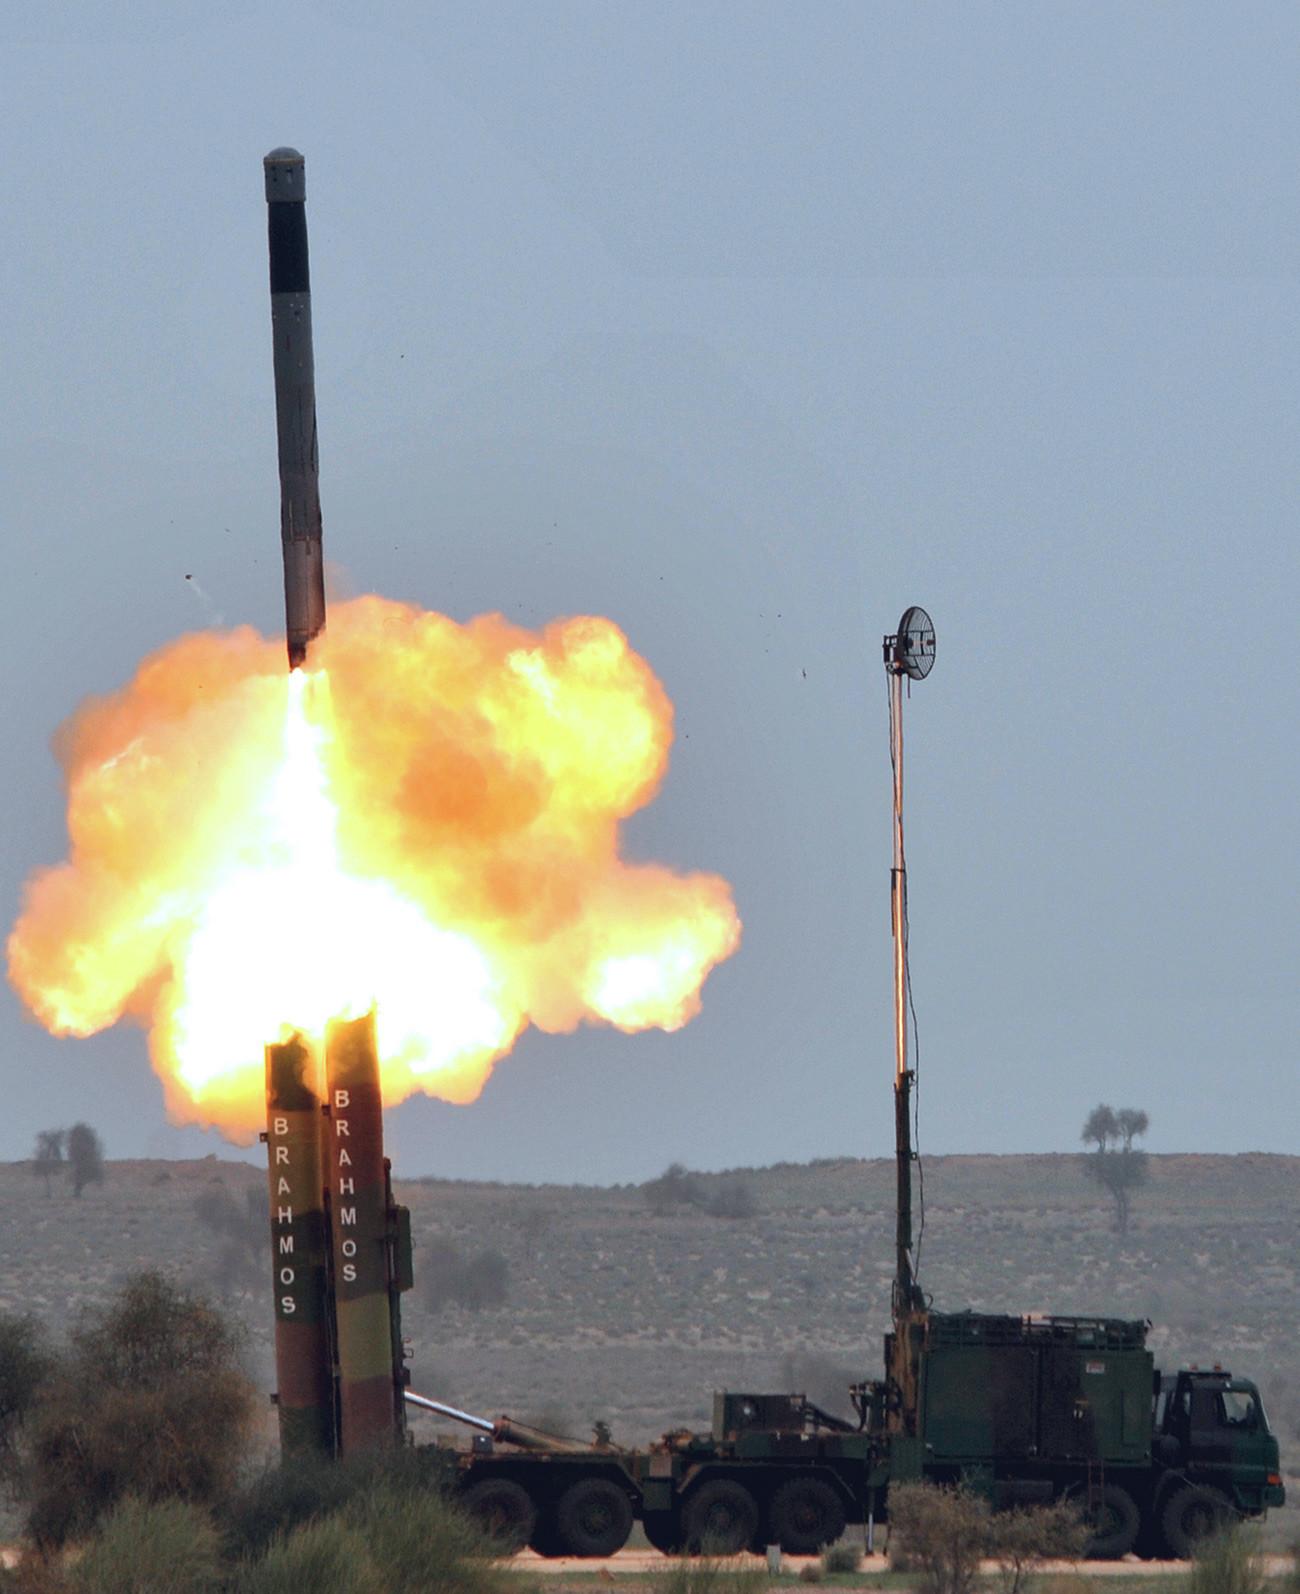 """Ову фотографију је објавио информативни биро индијске штампе 4. марта 2012. године. Индијска армија на непознатом месту демонстрира лансирање ракете """"Брамос"""", 4. март 2012. године."""